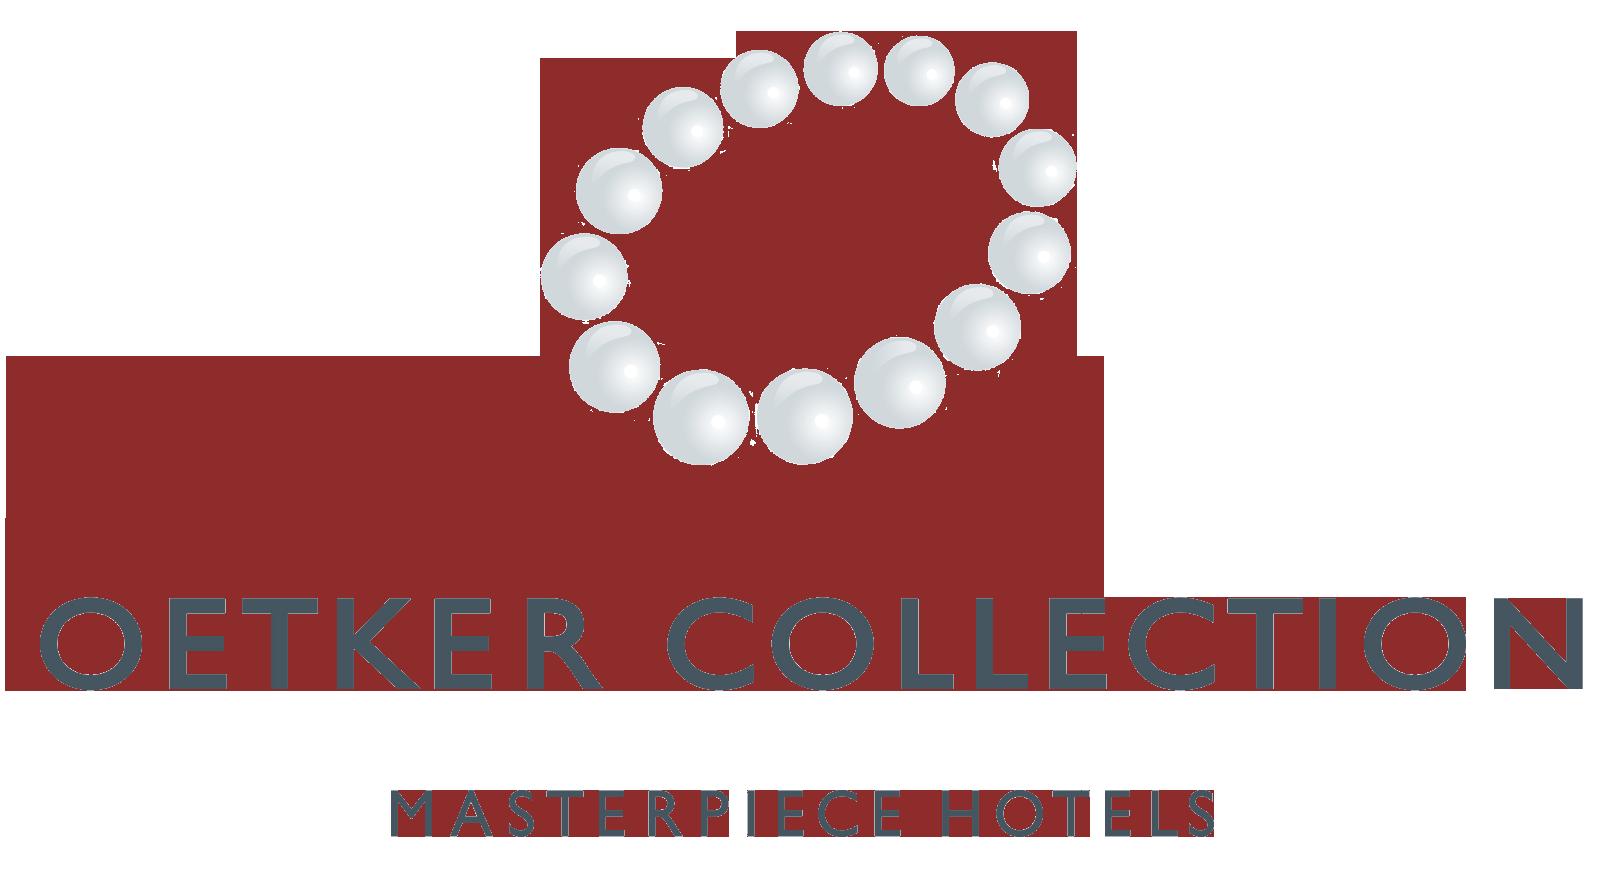 Oetker Collection Logo